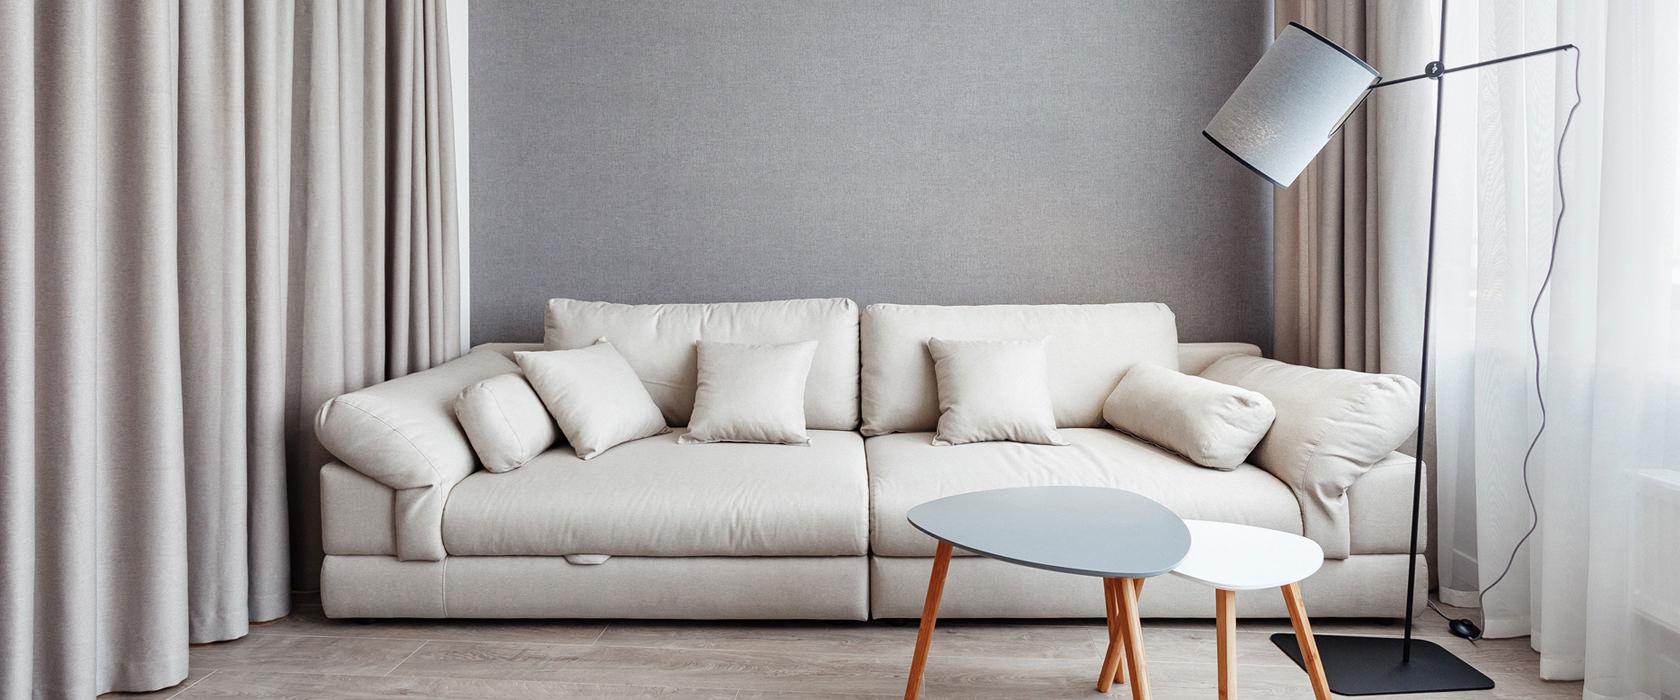 Трехместный диван Claudia - Фото 2 - Pufetto